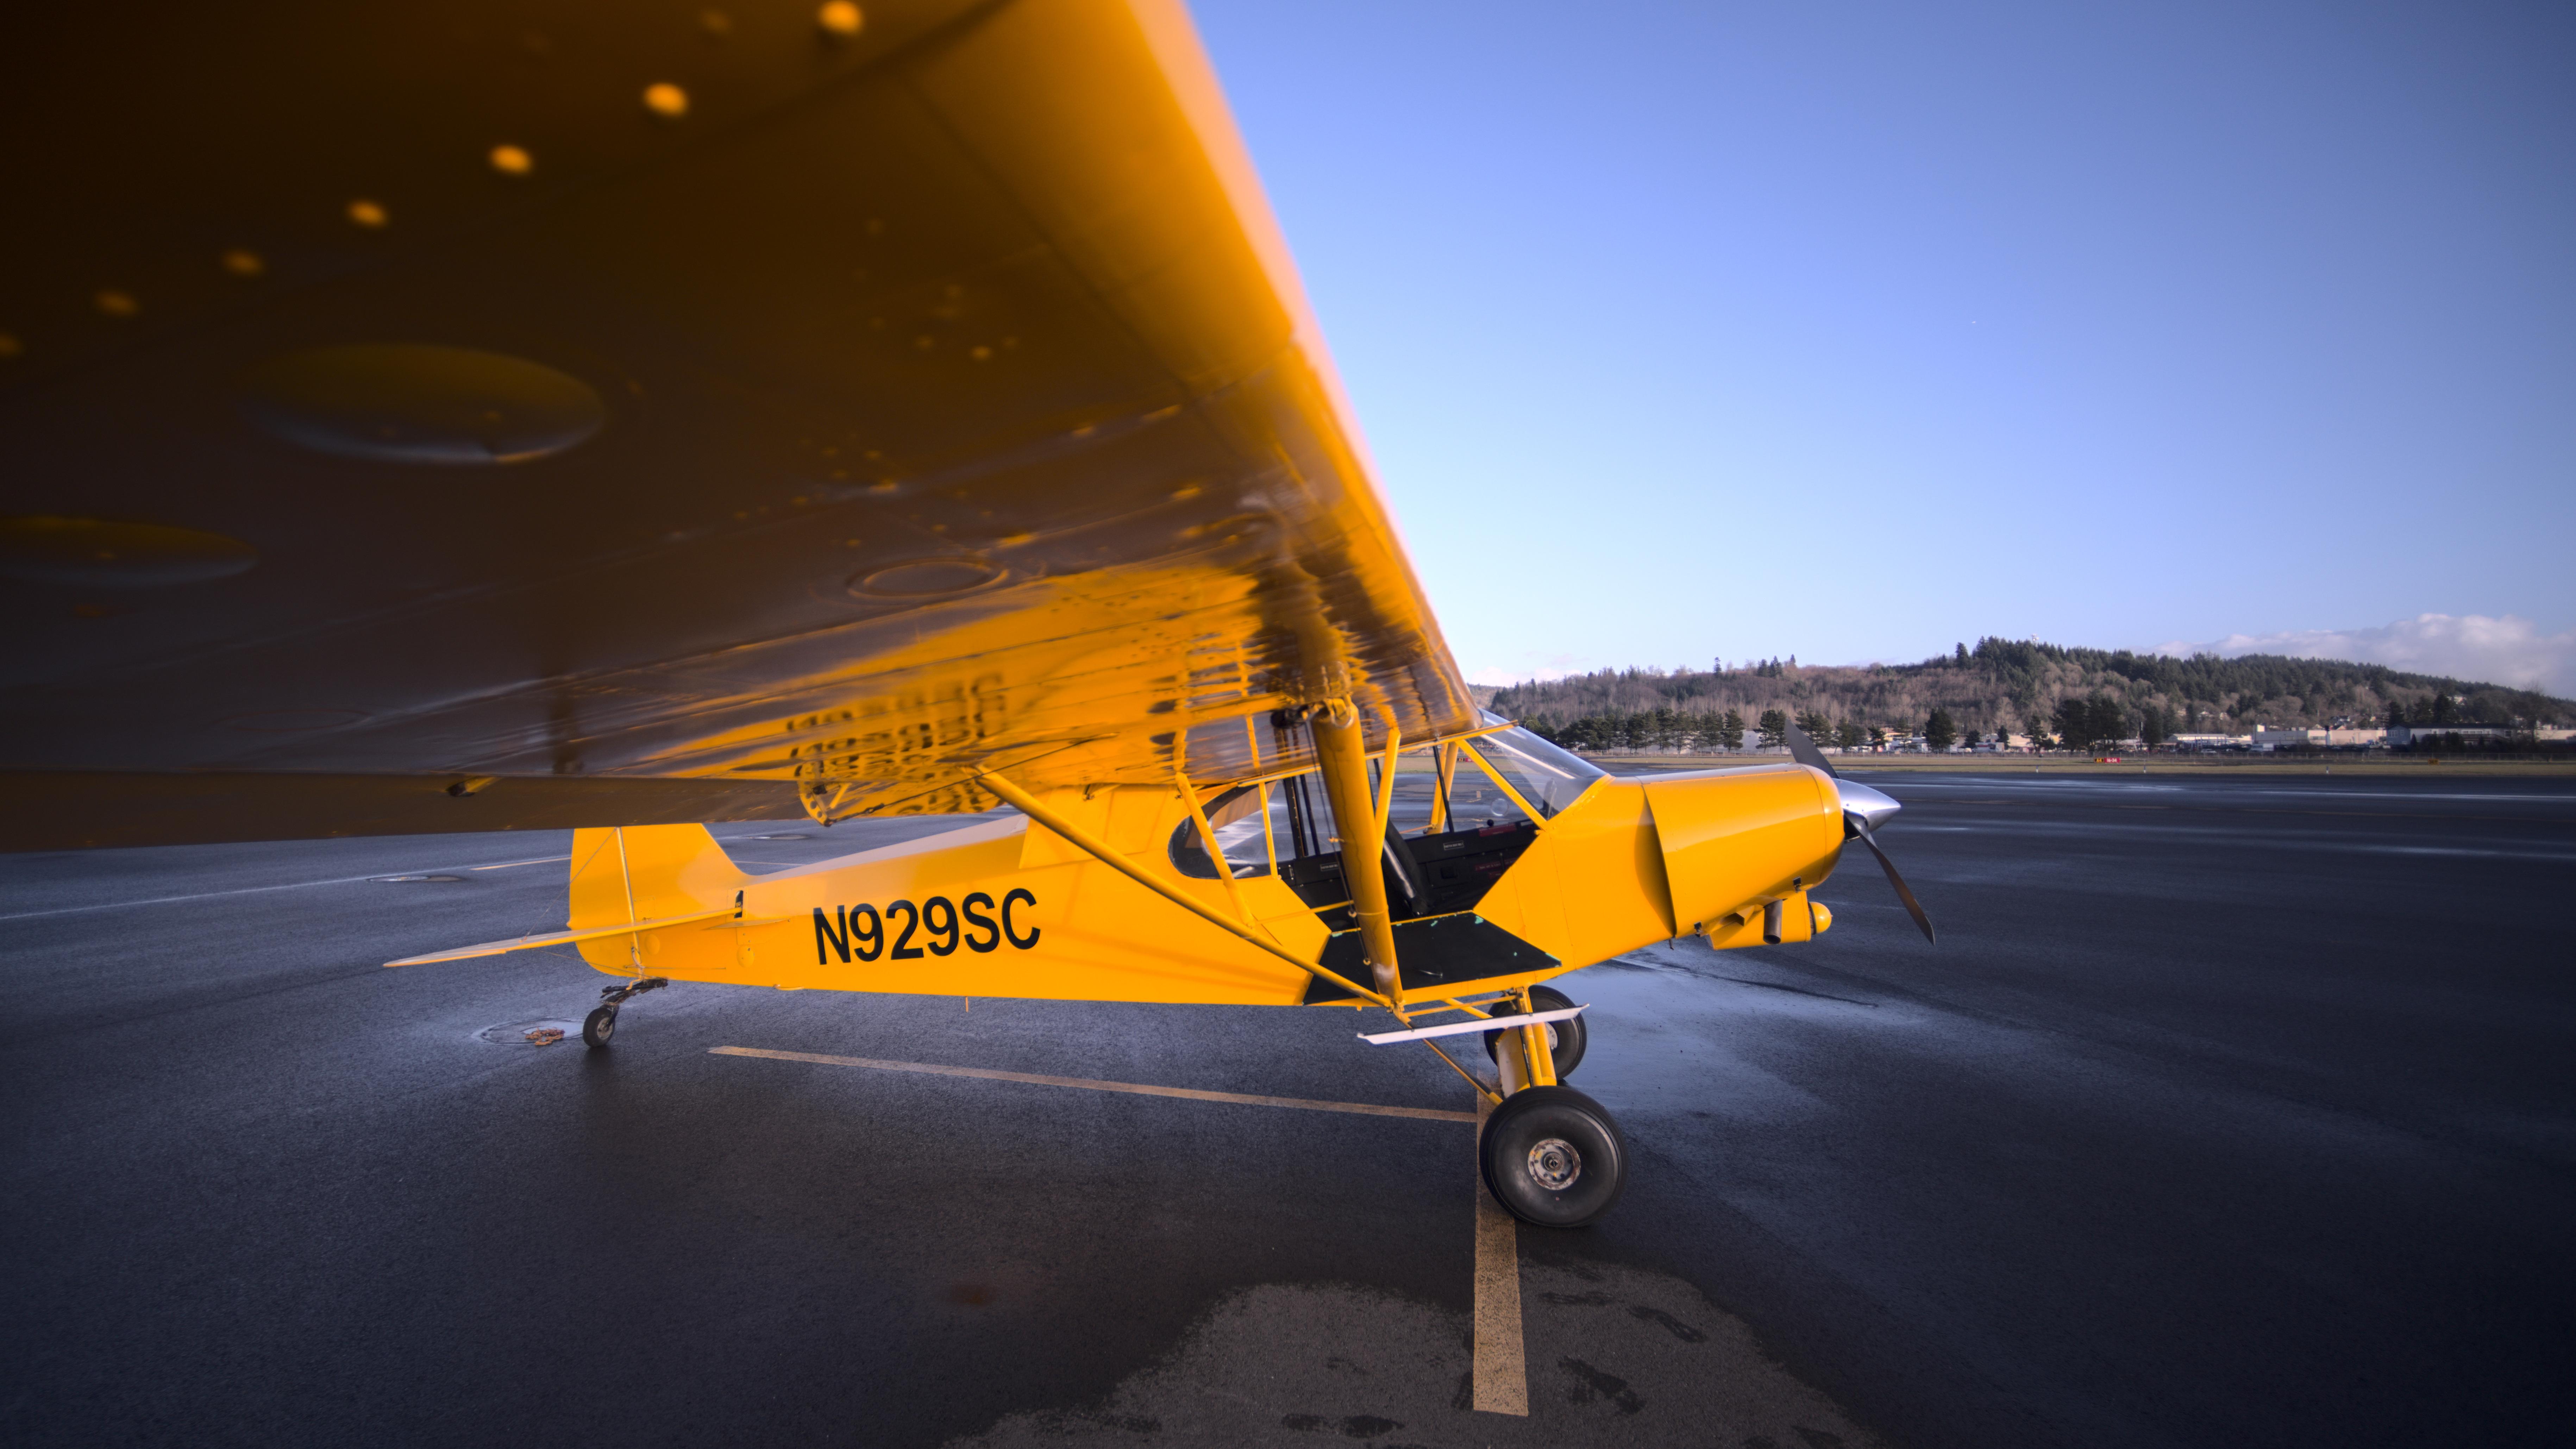 1979 Piper PA-18-180 Super Cub